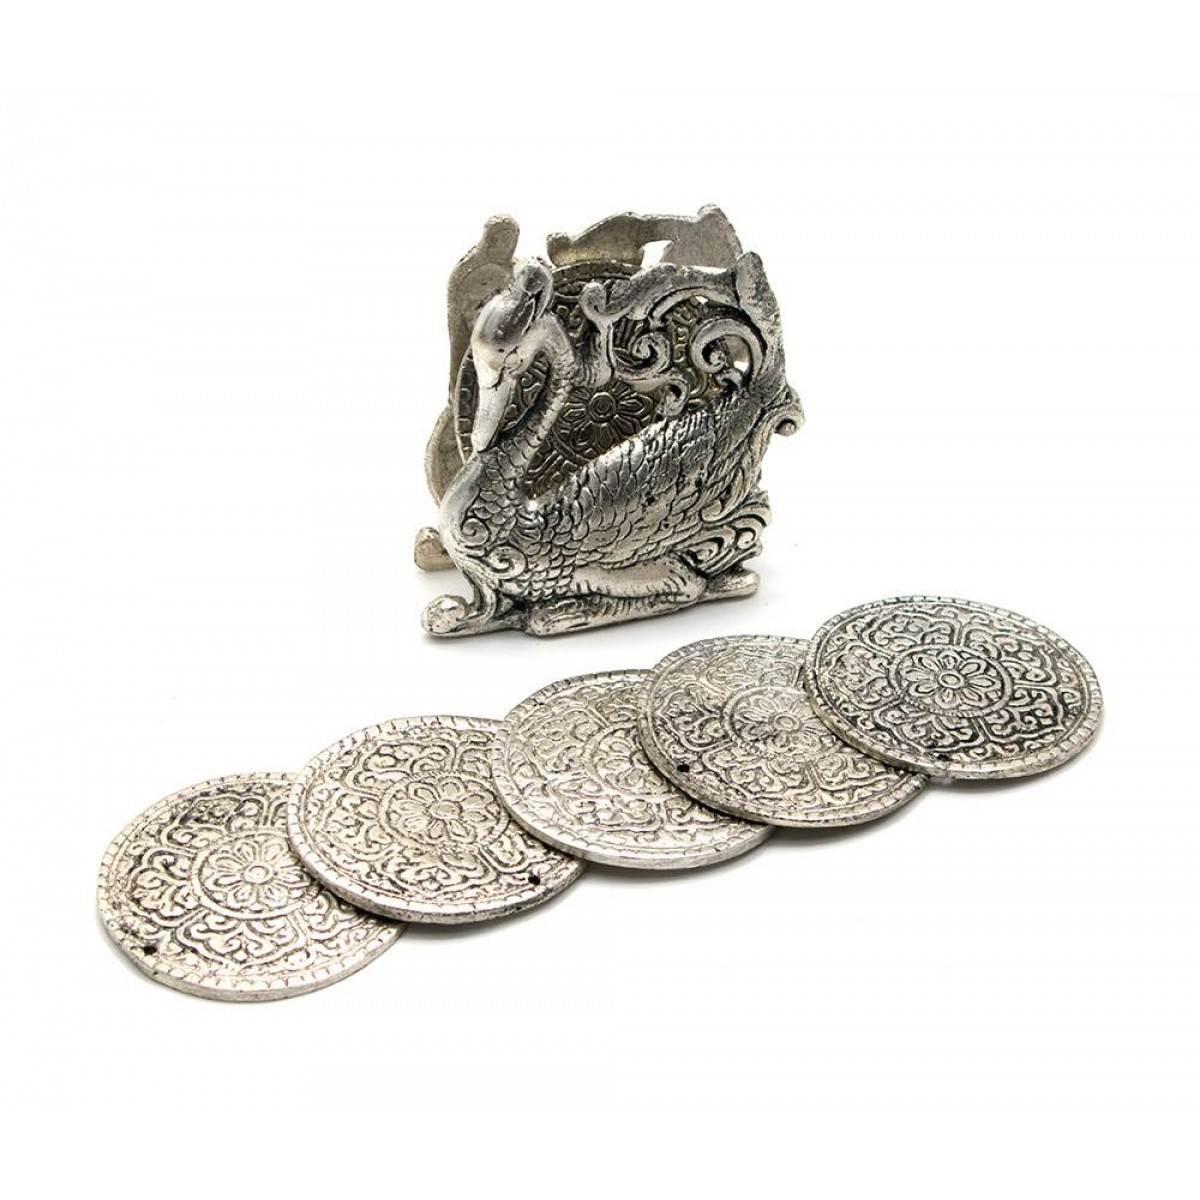 Подстаканник круглый из металла Лебедь набор 6 шт